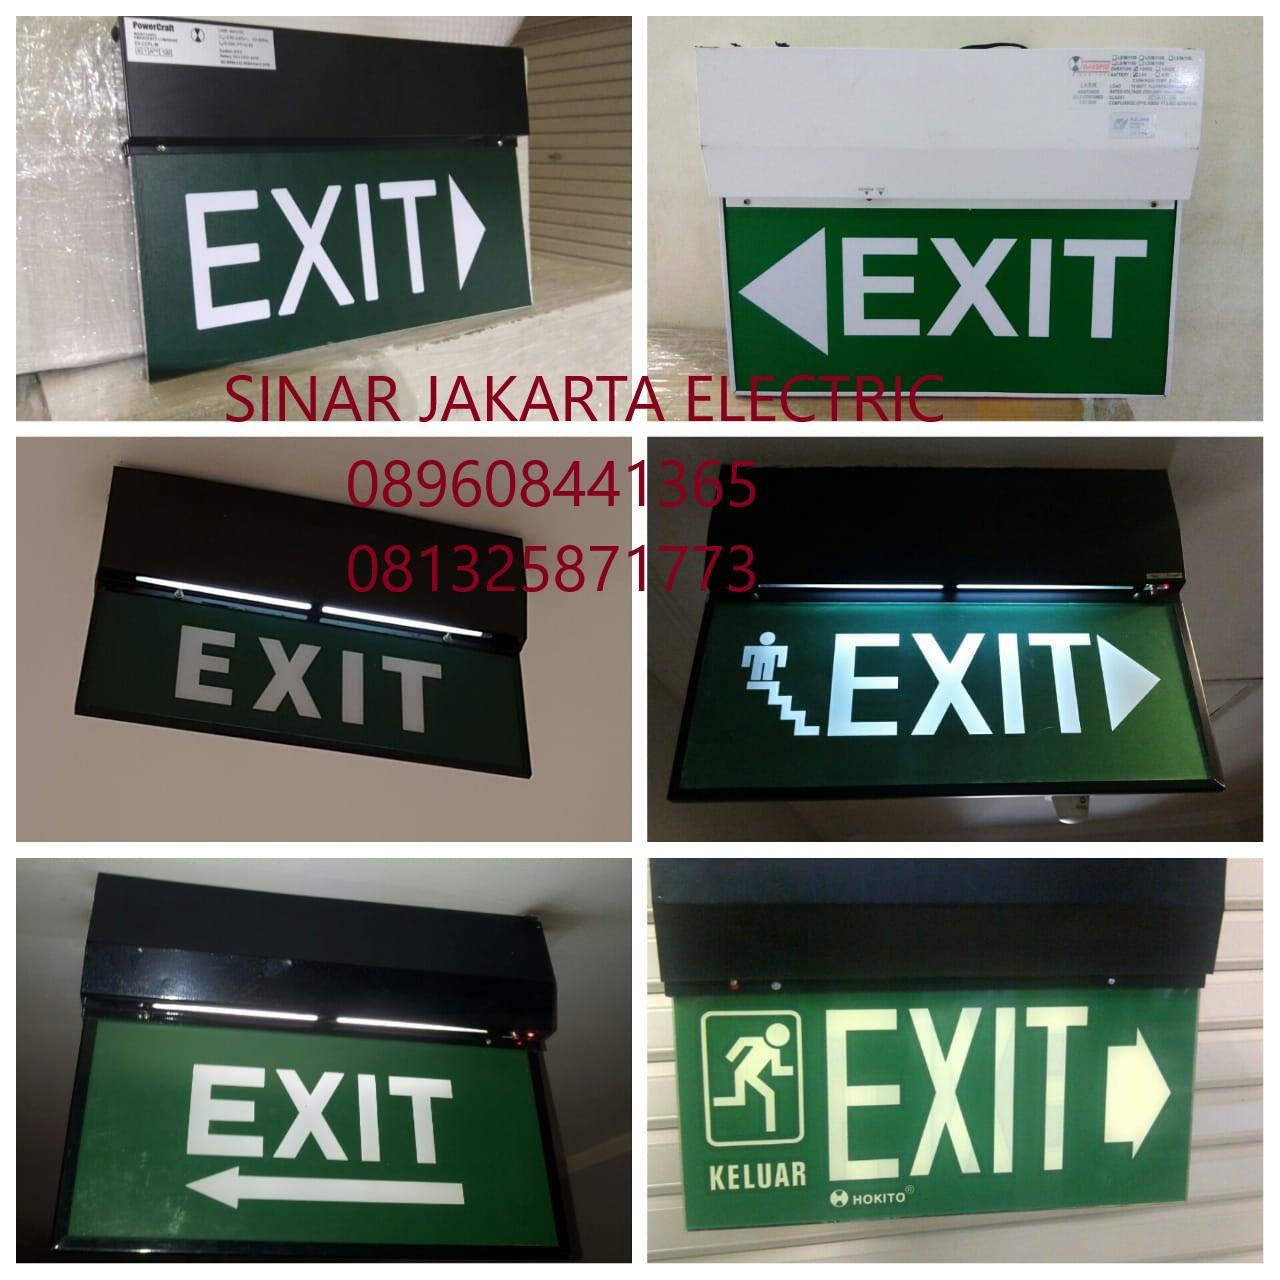 Jual Lampu Emergency Exit Gantung Harga Murah Jakarta oleh Toko Sinar Jakarta Electric